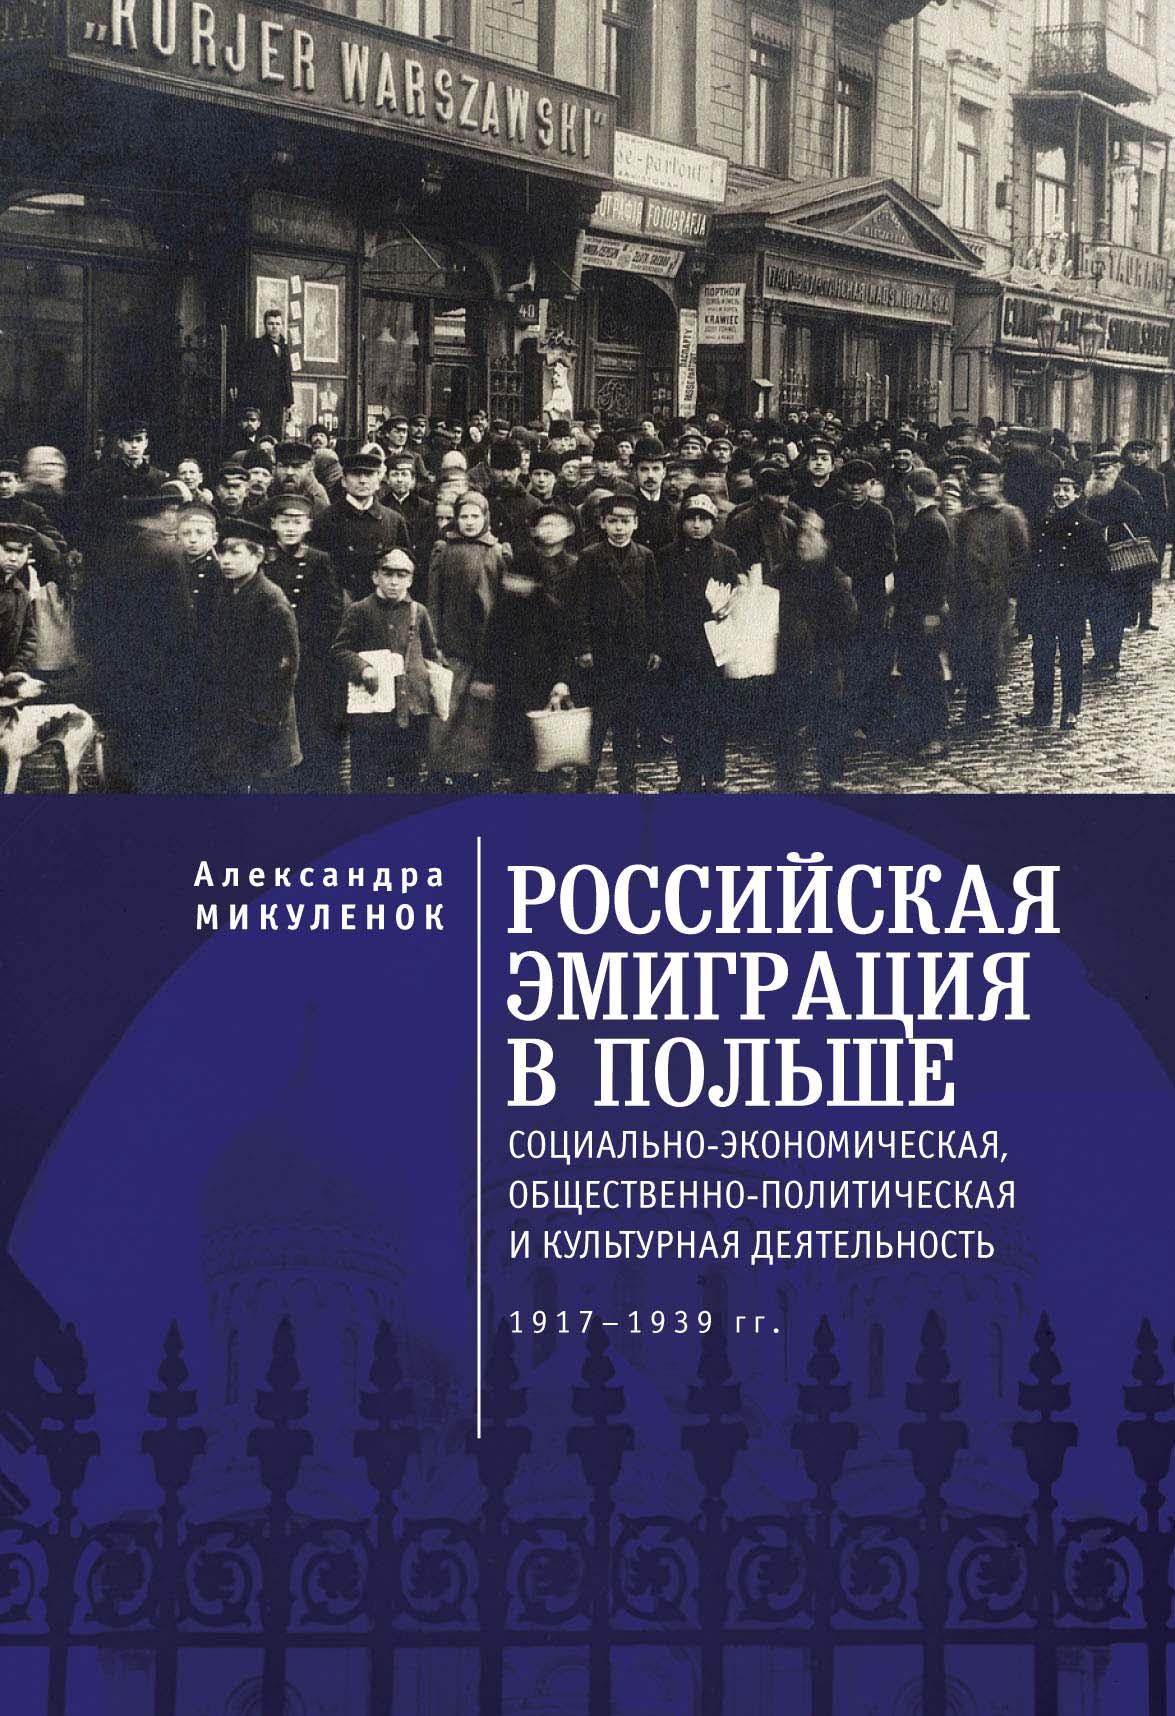 Российская эмиграция в Польше. Социально-экономическая, общественно-политическая и культурная деятельность (1917 – 1939 гг.)